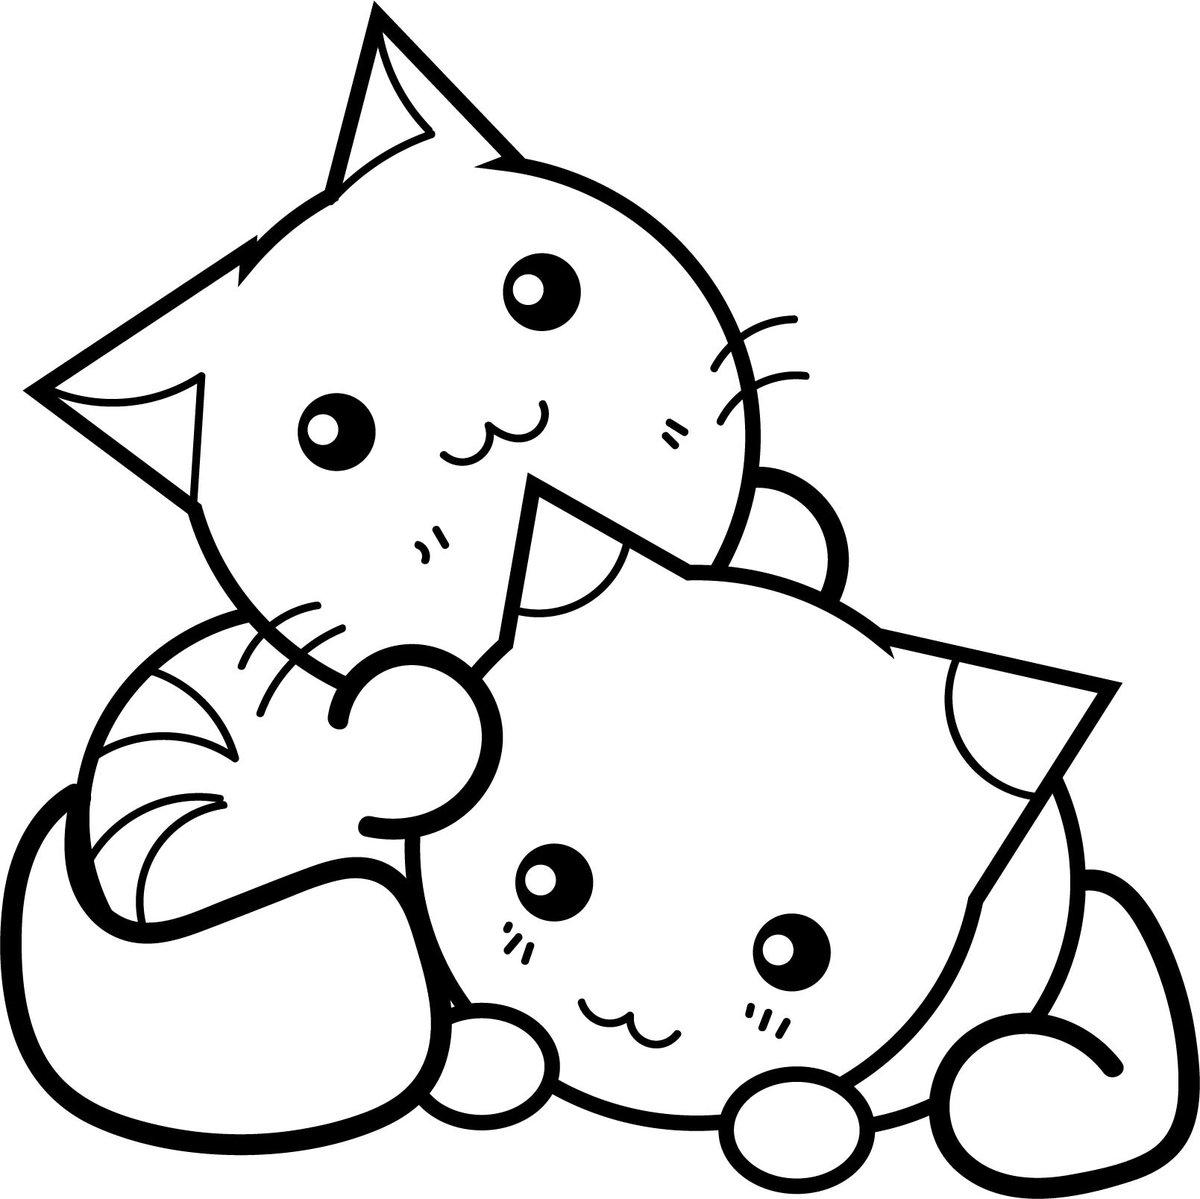 милые картинки котиков раскраски распечатать выдержка закона хабаровского